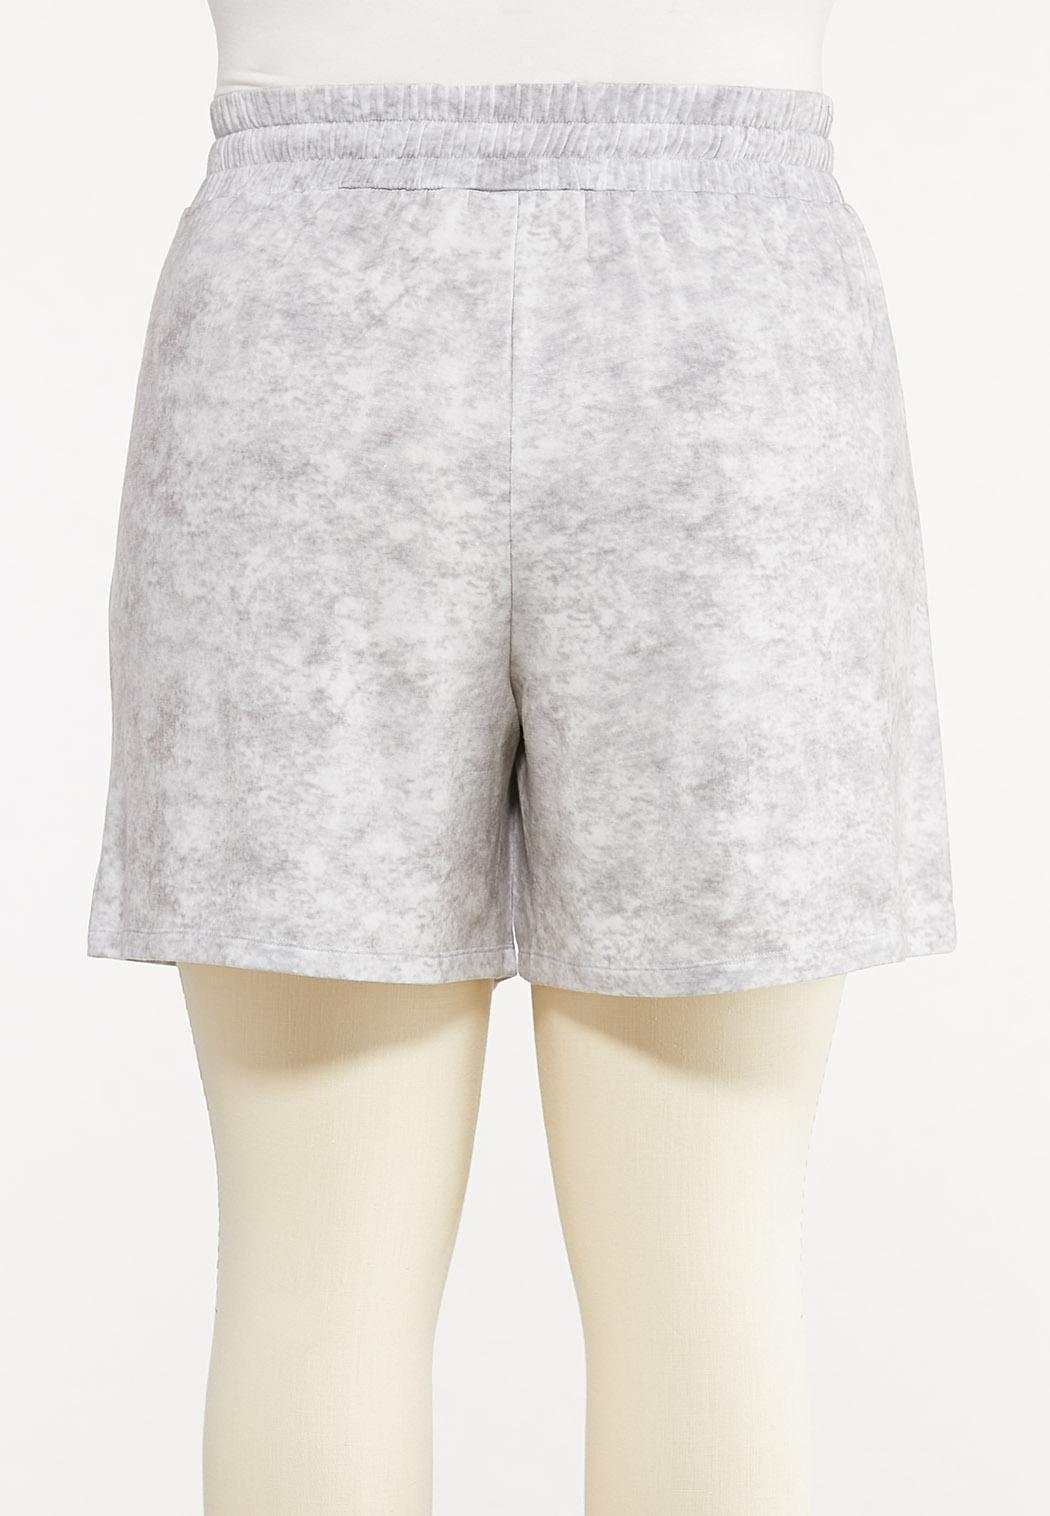 Plus Size Gray Tie Dye Shorts (Item #44578024)